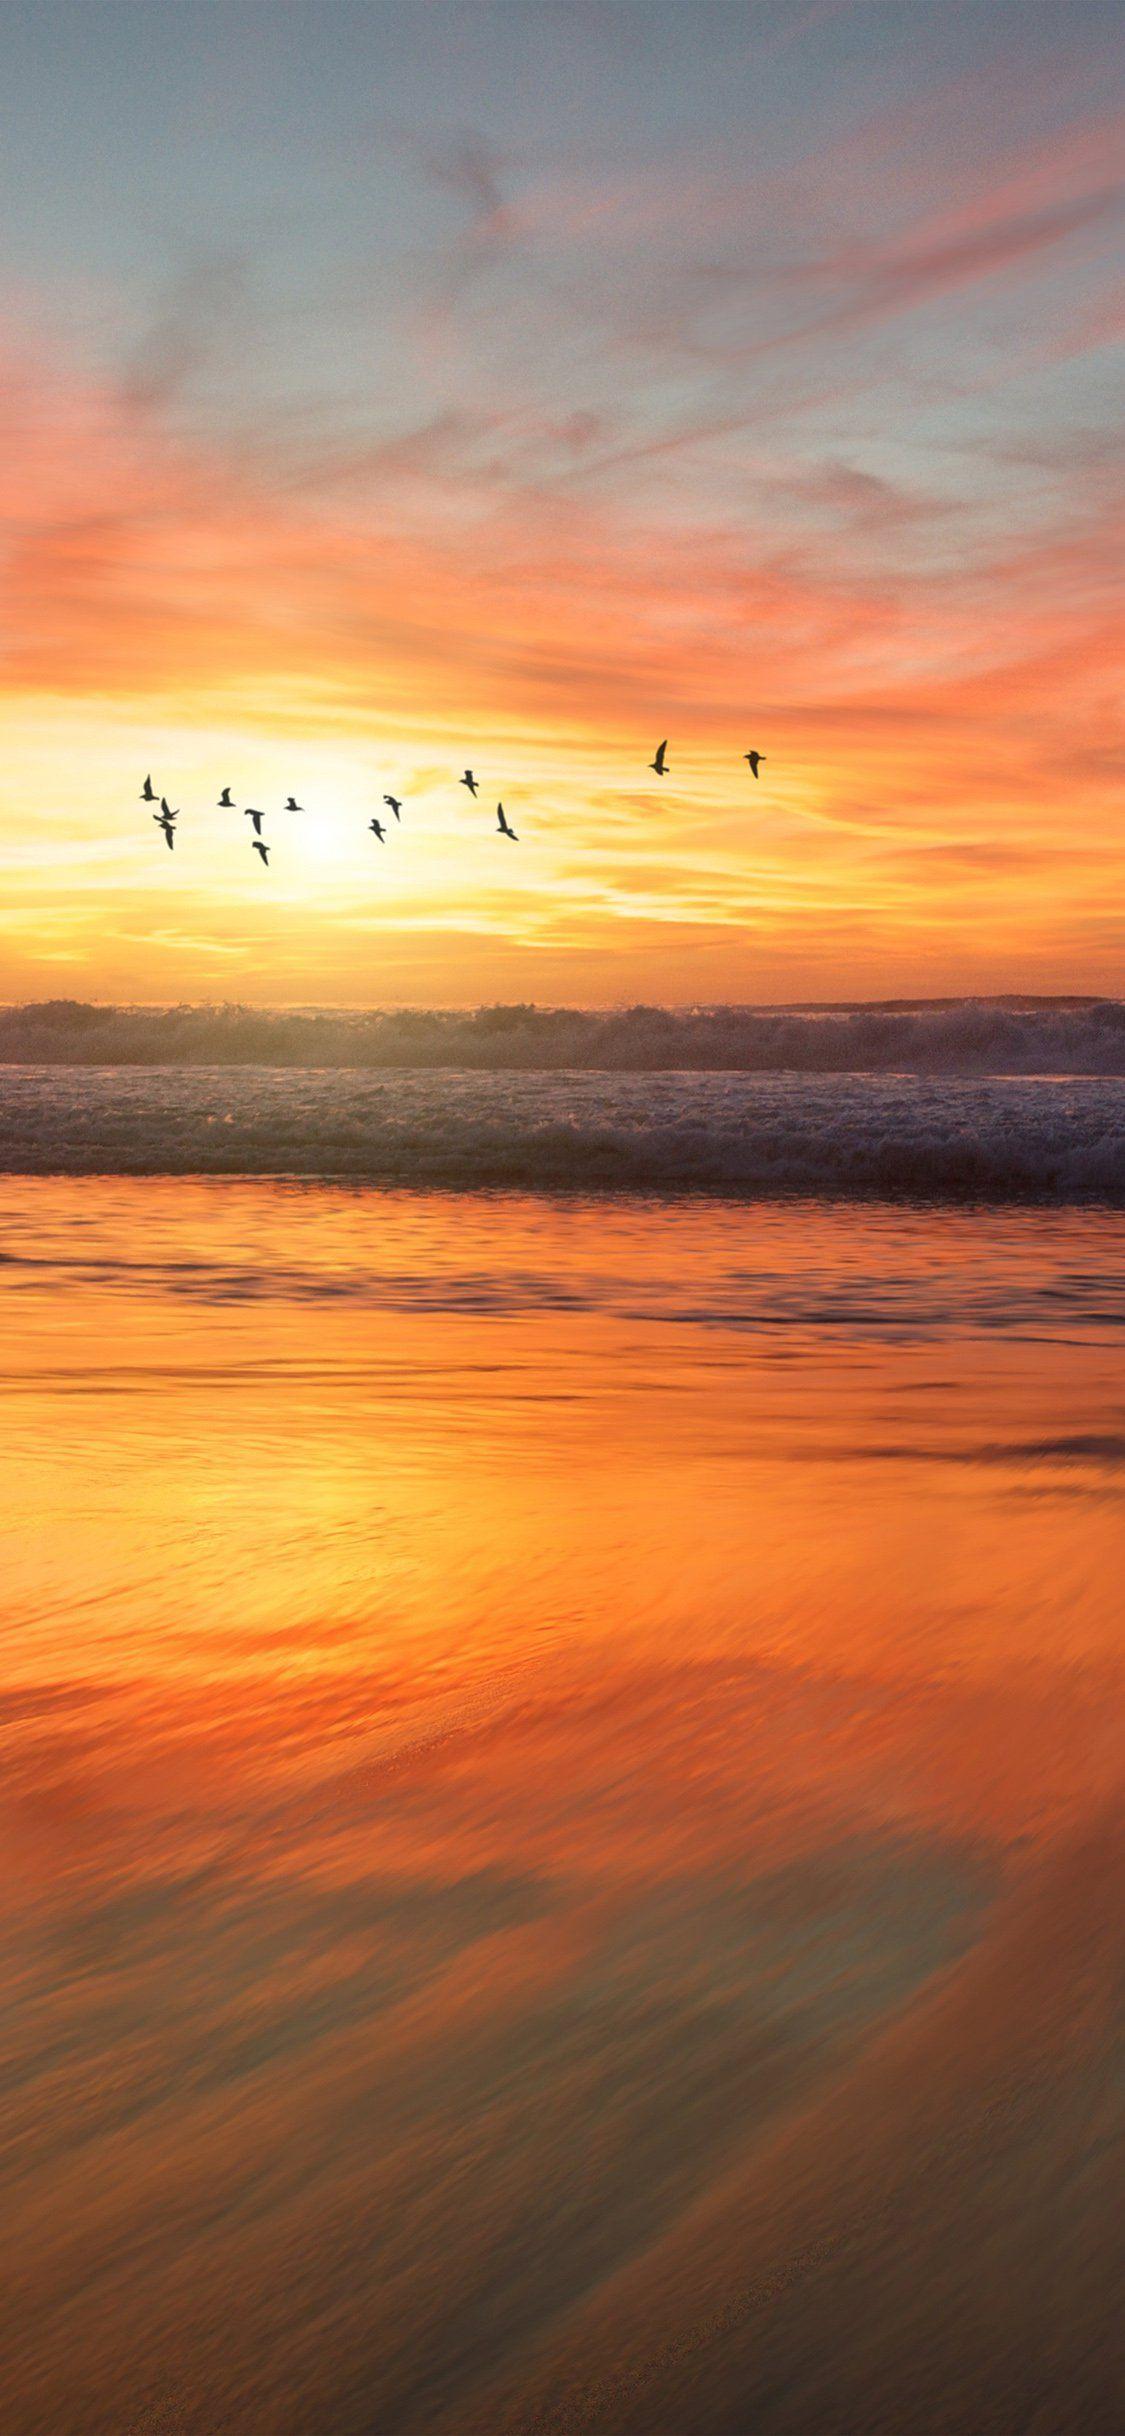 Sunset sea iPhone X wallpaper jolanta wolowicz